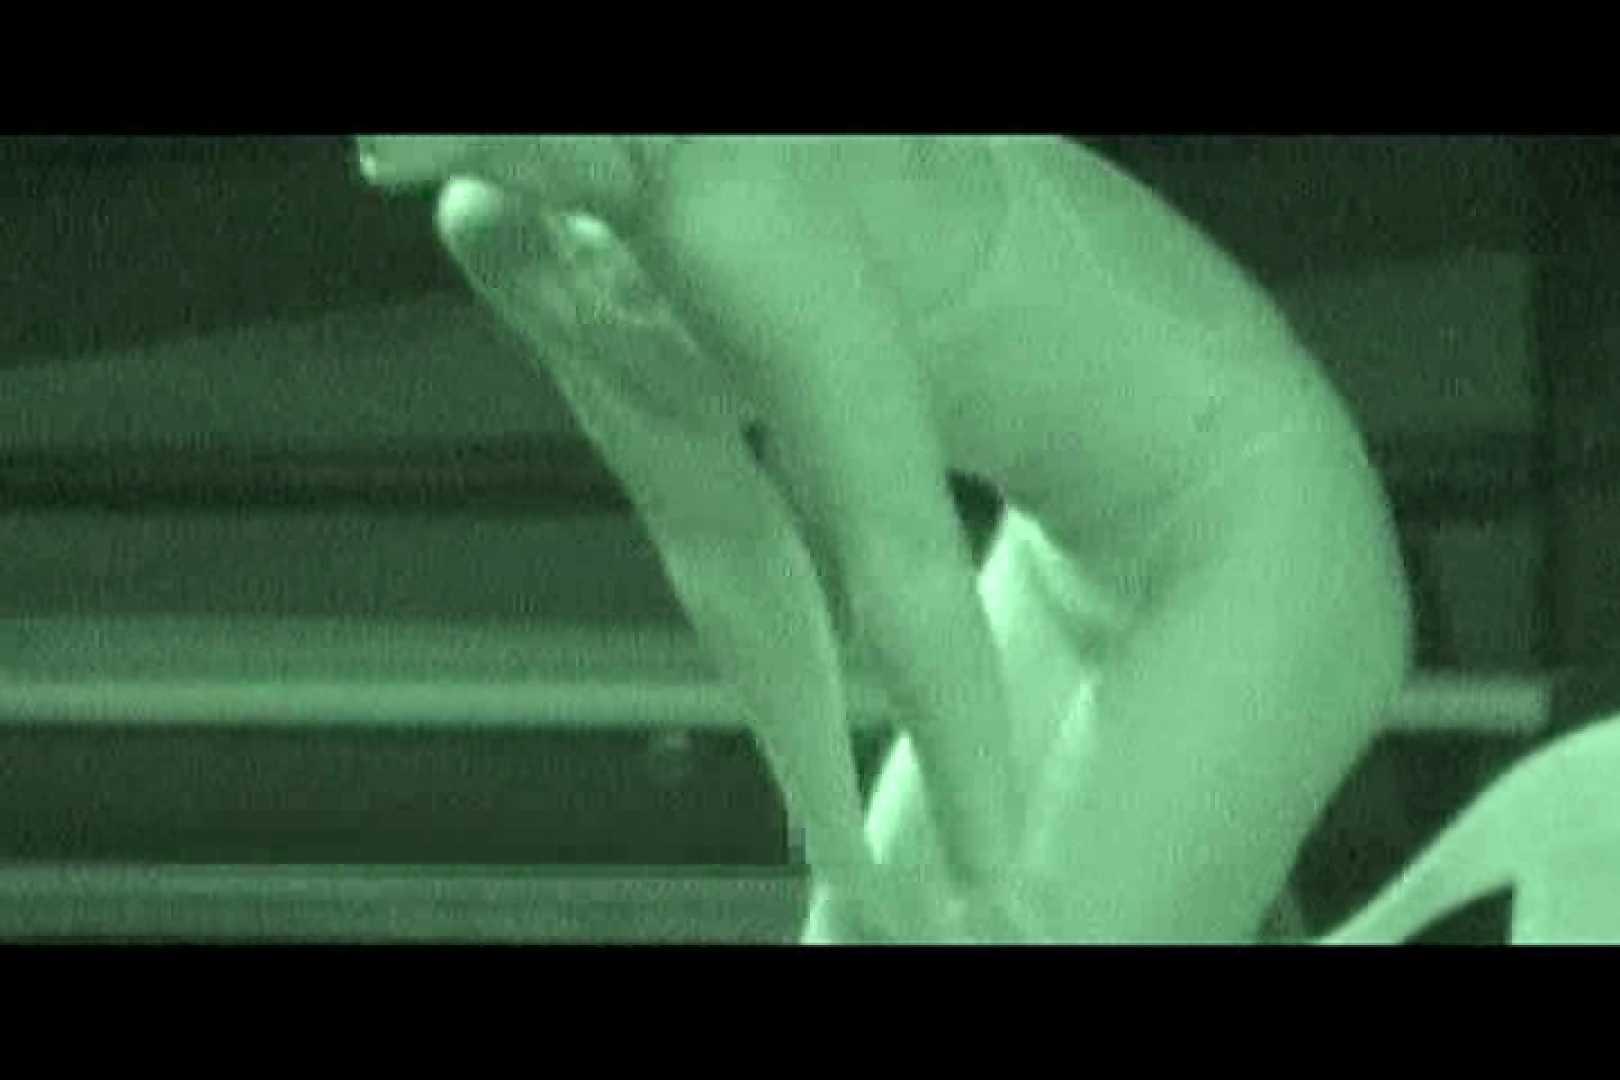 びっくり!スケスケ水着Vol.7 盗撮 オメコ無修正動画無料 82PIX 17